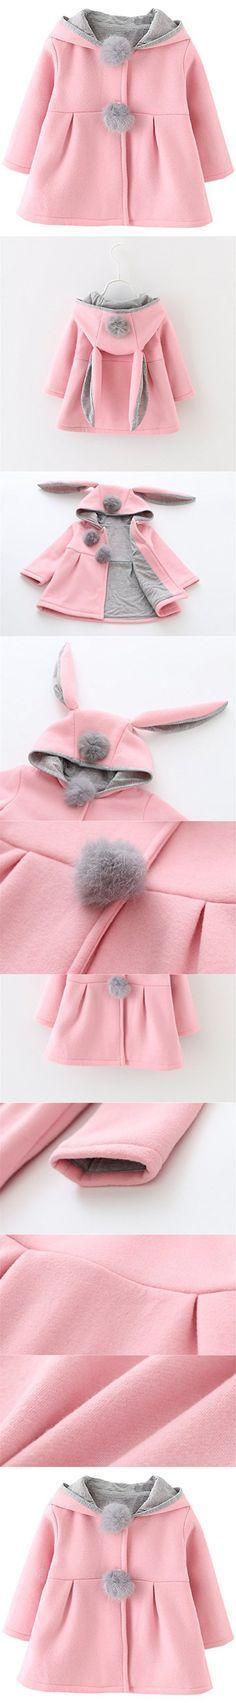 Kids Baby Girls Coat Winter Warm Hoodie Jacket Outerwear #babyouterwear